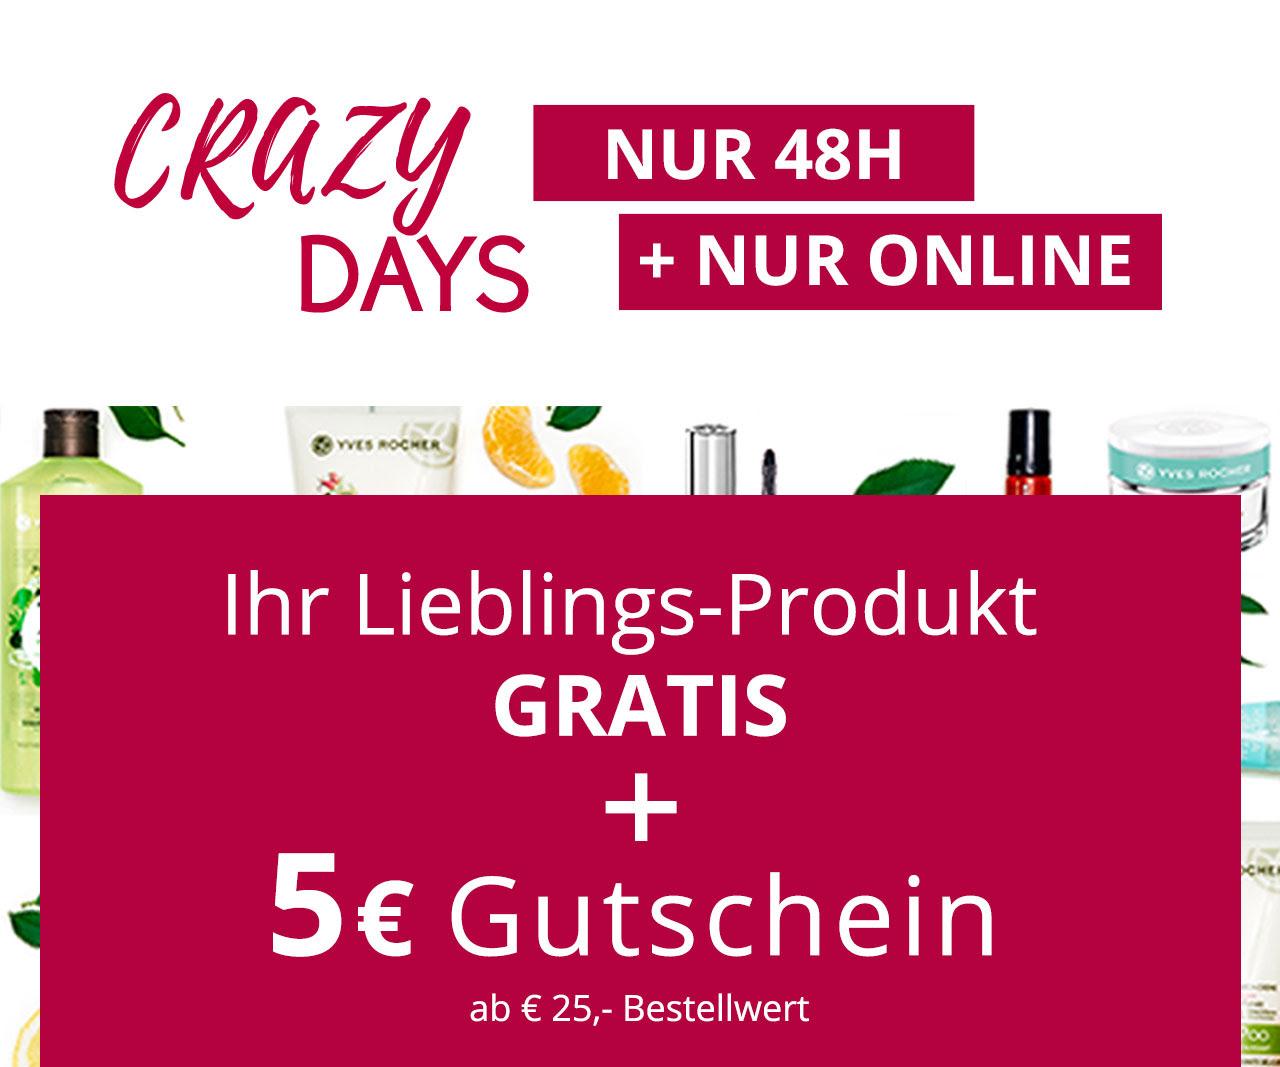 Yves Rocher: Produkt nach Wahl kostenlos + 5€ Rabatt ab 25€ + Versandkostenfrei ab 20€